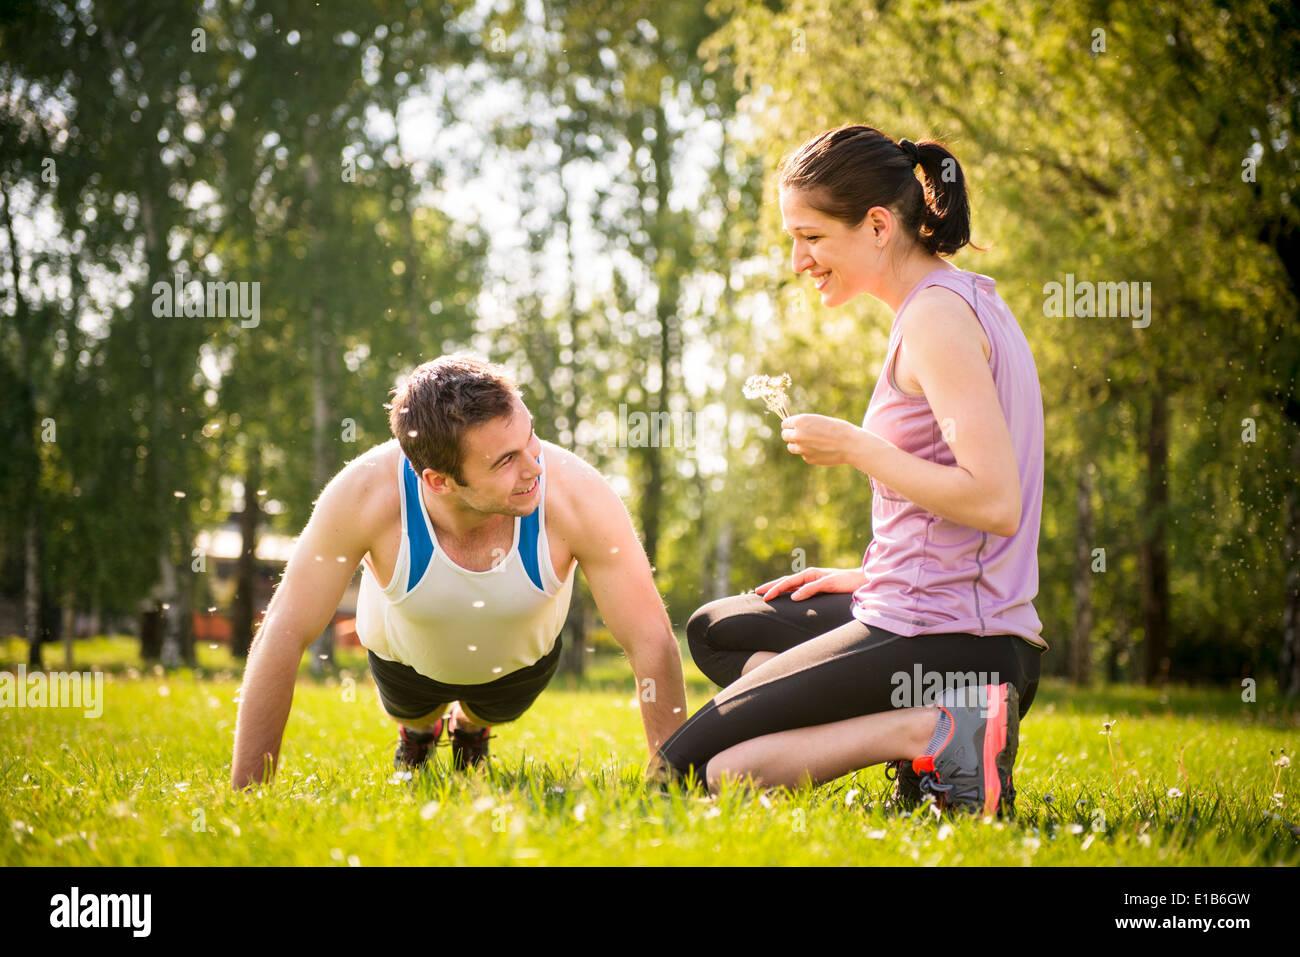 Mann, Push-ups, während Frau Löwenzahnsamen auf ihm - im Freien in der Natur bläst Stockbild